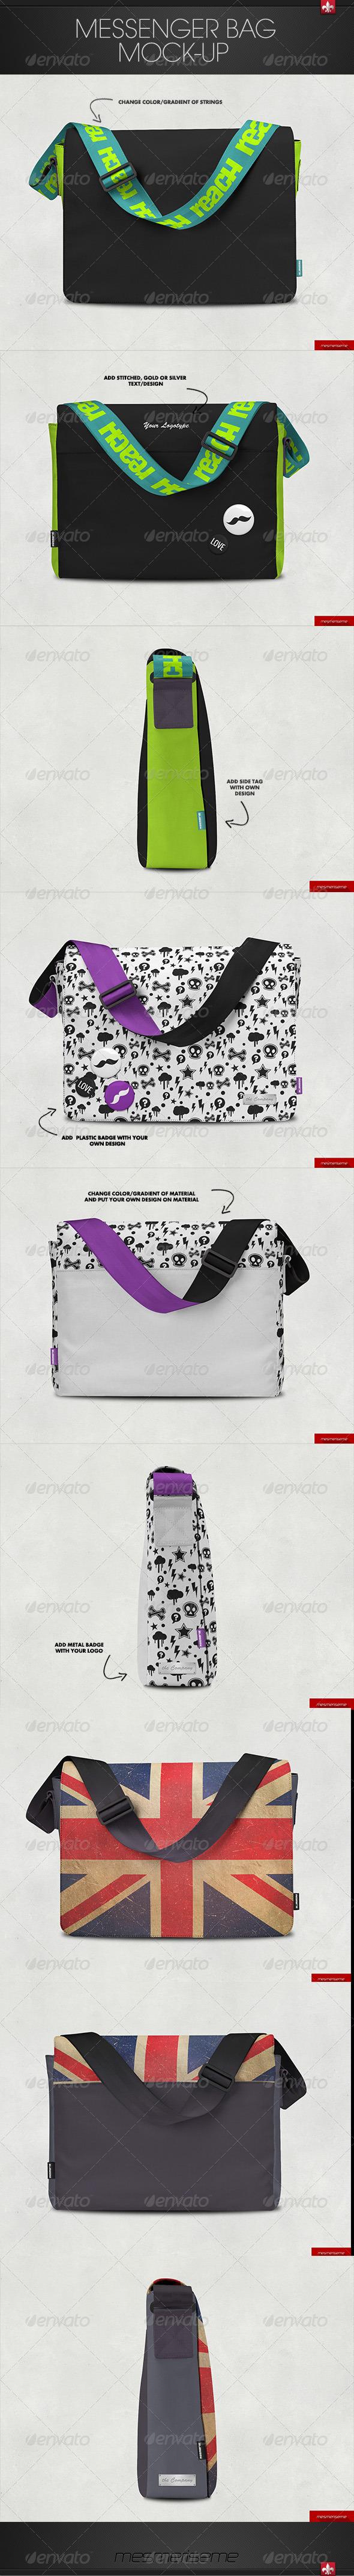 GraphicRiver Messenger Bag Mock-up 7384034